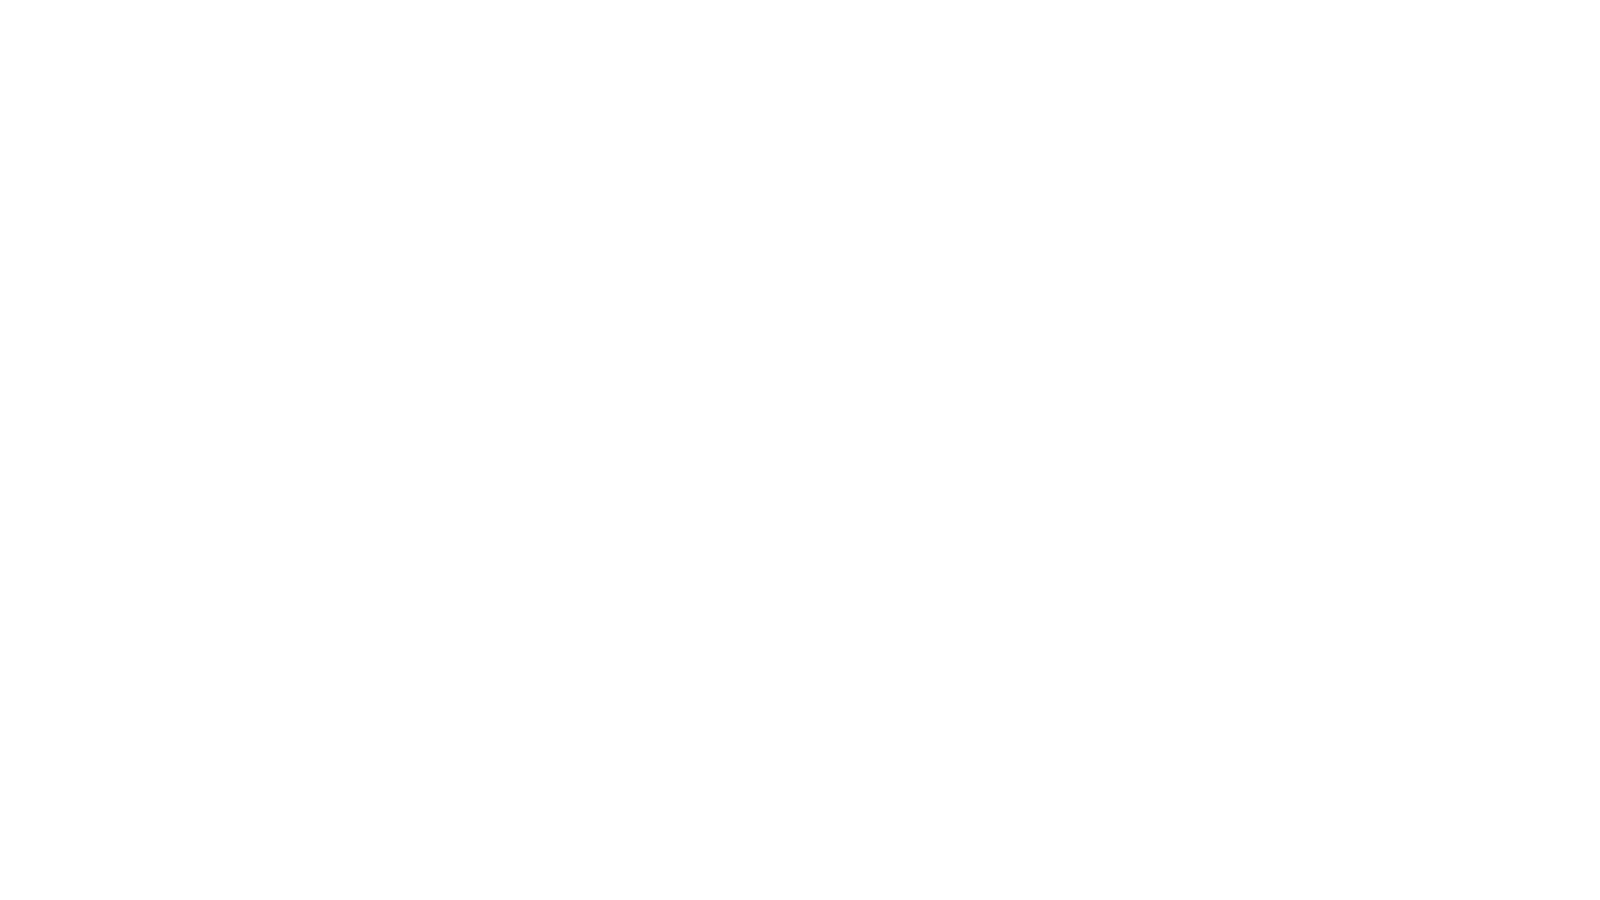 मुरादाबाद-पूर्व सीएम अखिलेश की PC में बवाल सवाल पूछने पर भड़के SP कार्यकर्ता मीडियाकर्मी से की धक्का - मुक्की धक्का - मुक्की में गिरे @News18UP रिपोर्टर गिरने से आई रिपोर्टर को चोट.